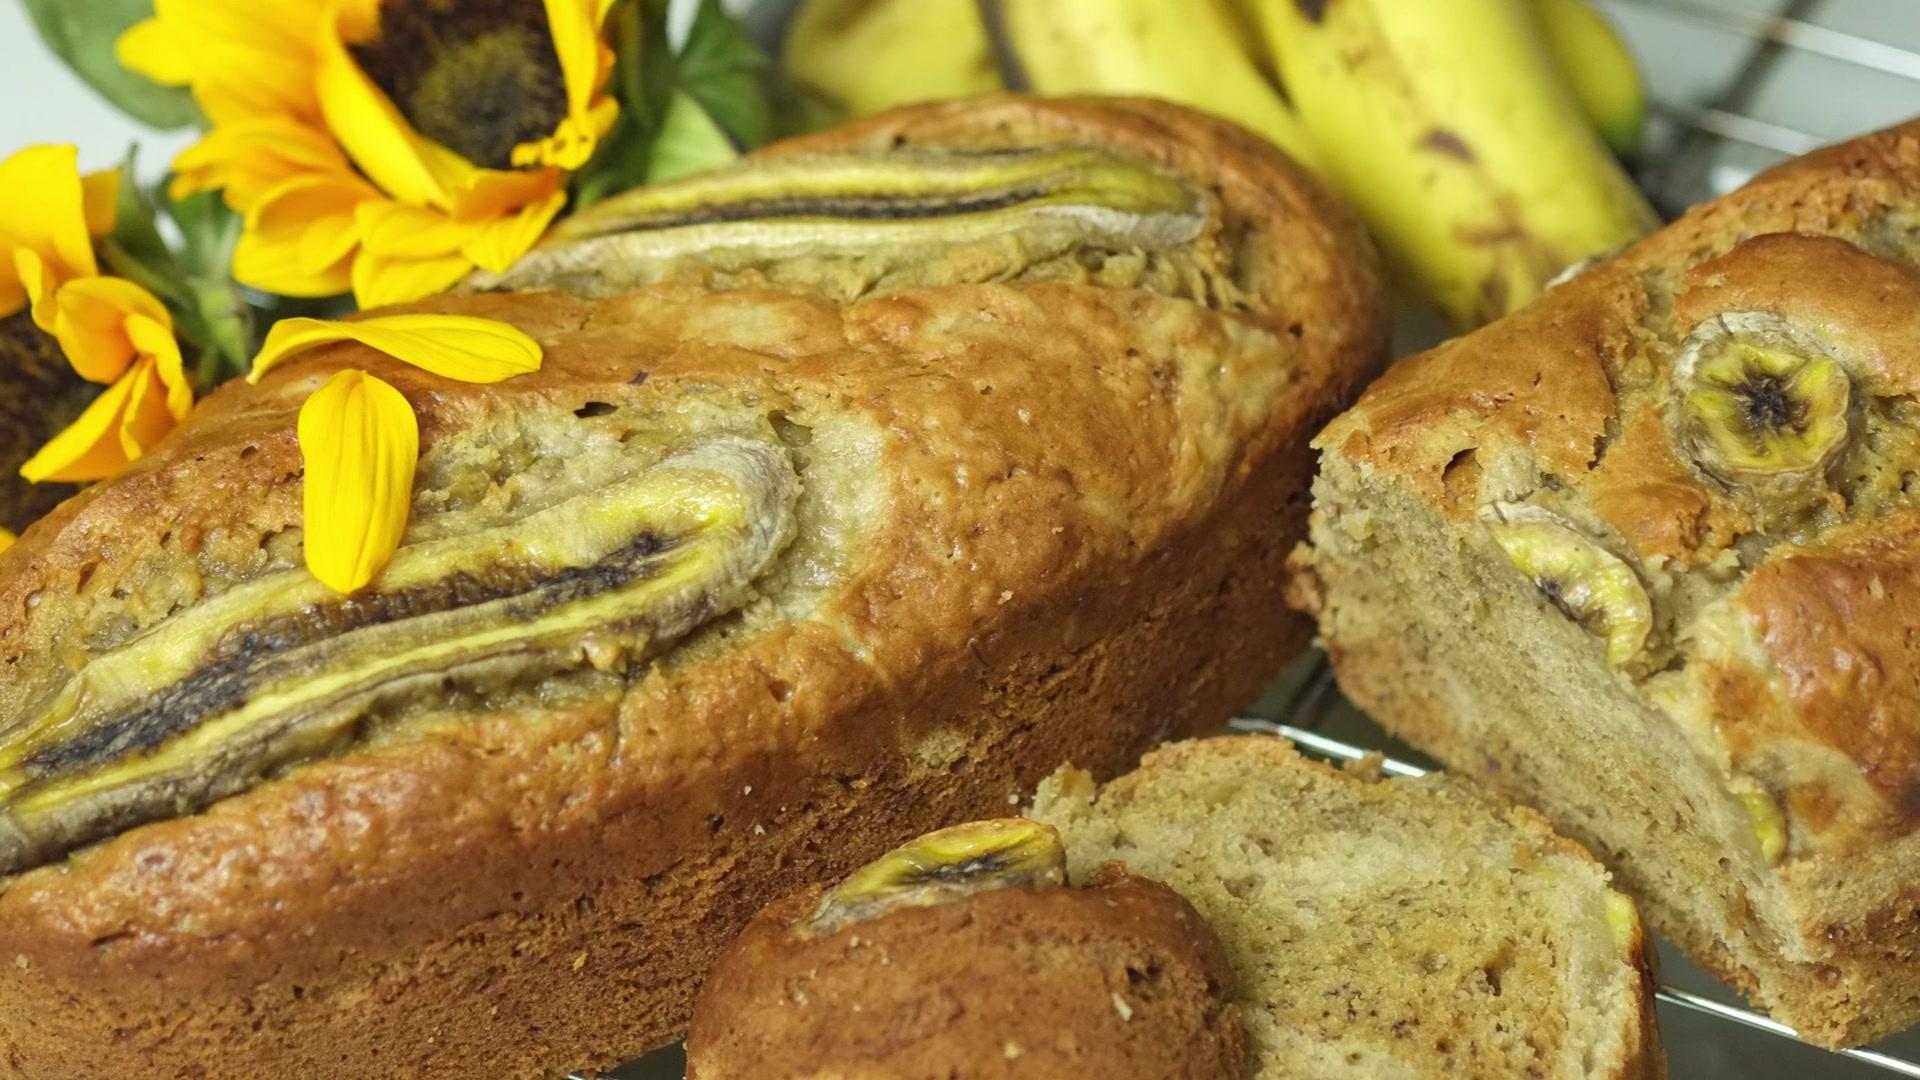 Dễ dàng hơn bao giờ hết với cách làm bánh mì ngọt nhân thịt bằng máy trộn bột Bear-1 cách làm bánh mì ngọt nhân thịt Dễ dàng hơn bao giờ hết với cách làm bánh mì ngọt nhân thịt bằng máy trộn bột Bear H     ng d   n l  m b  nh b  ng lan chu   i Banana cake 02